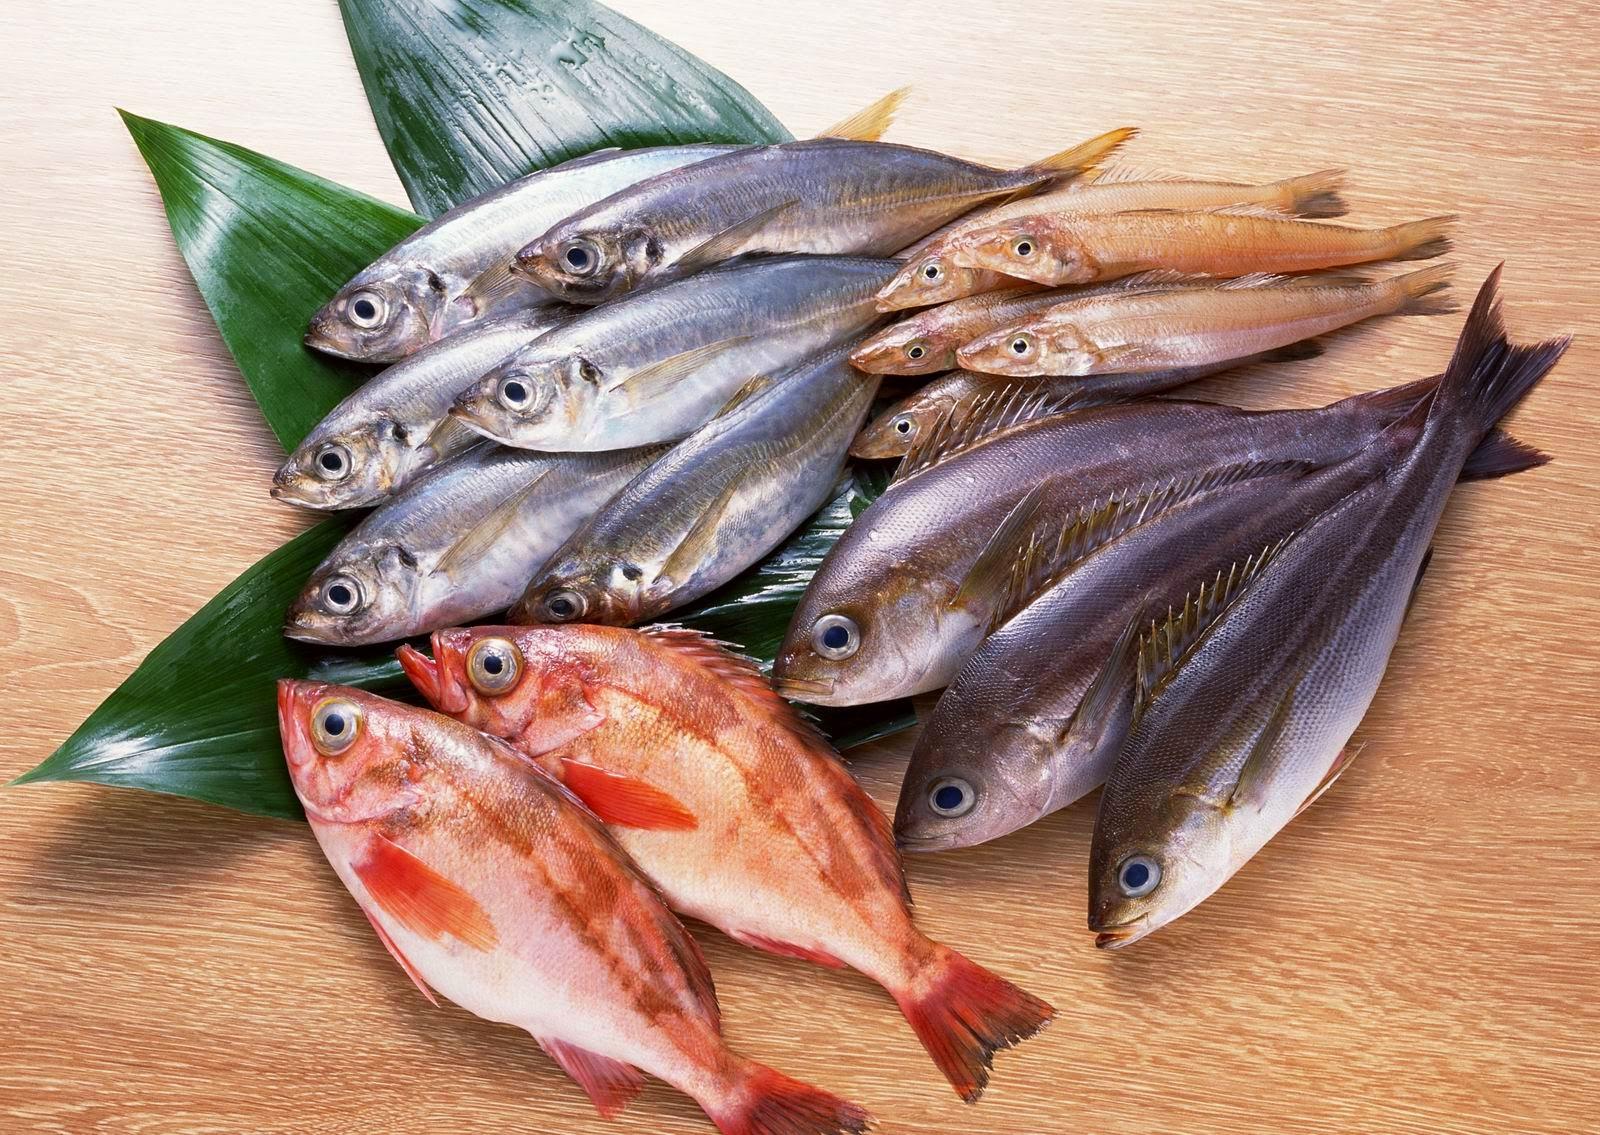 Donmuş Balık Nasıl Hızlı Şekilde Çözülür